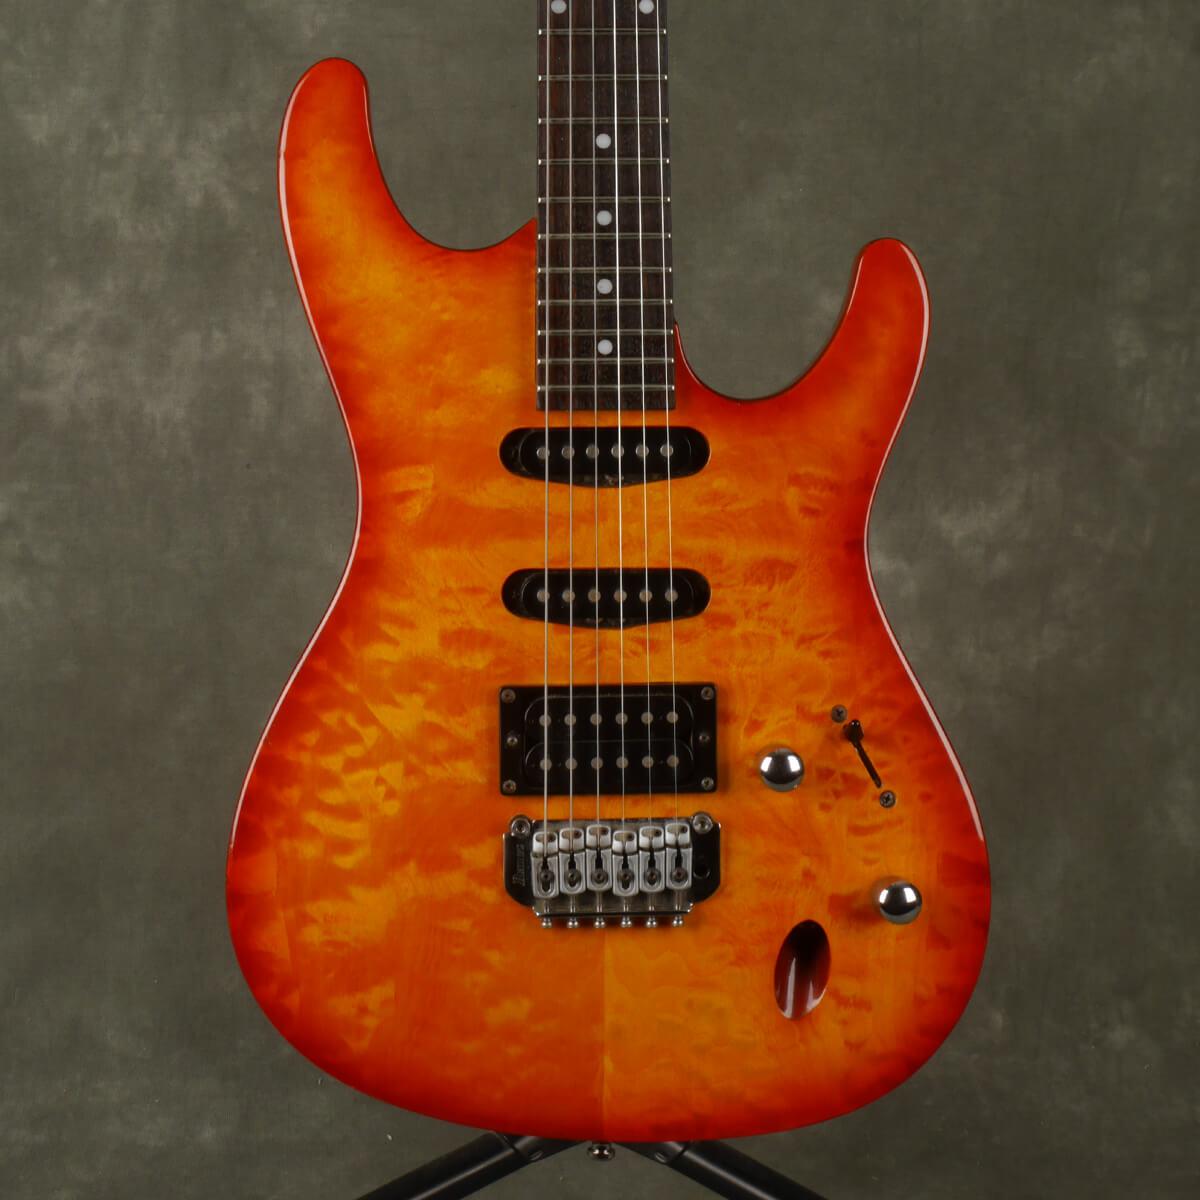 Ibanez SA160 Electric Guitar - Amber - 2nd Hand